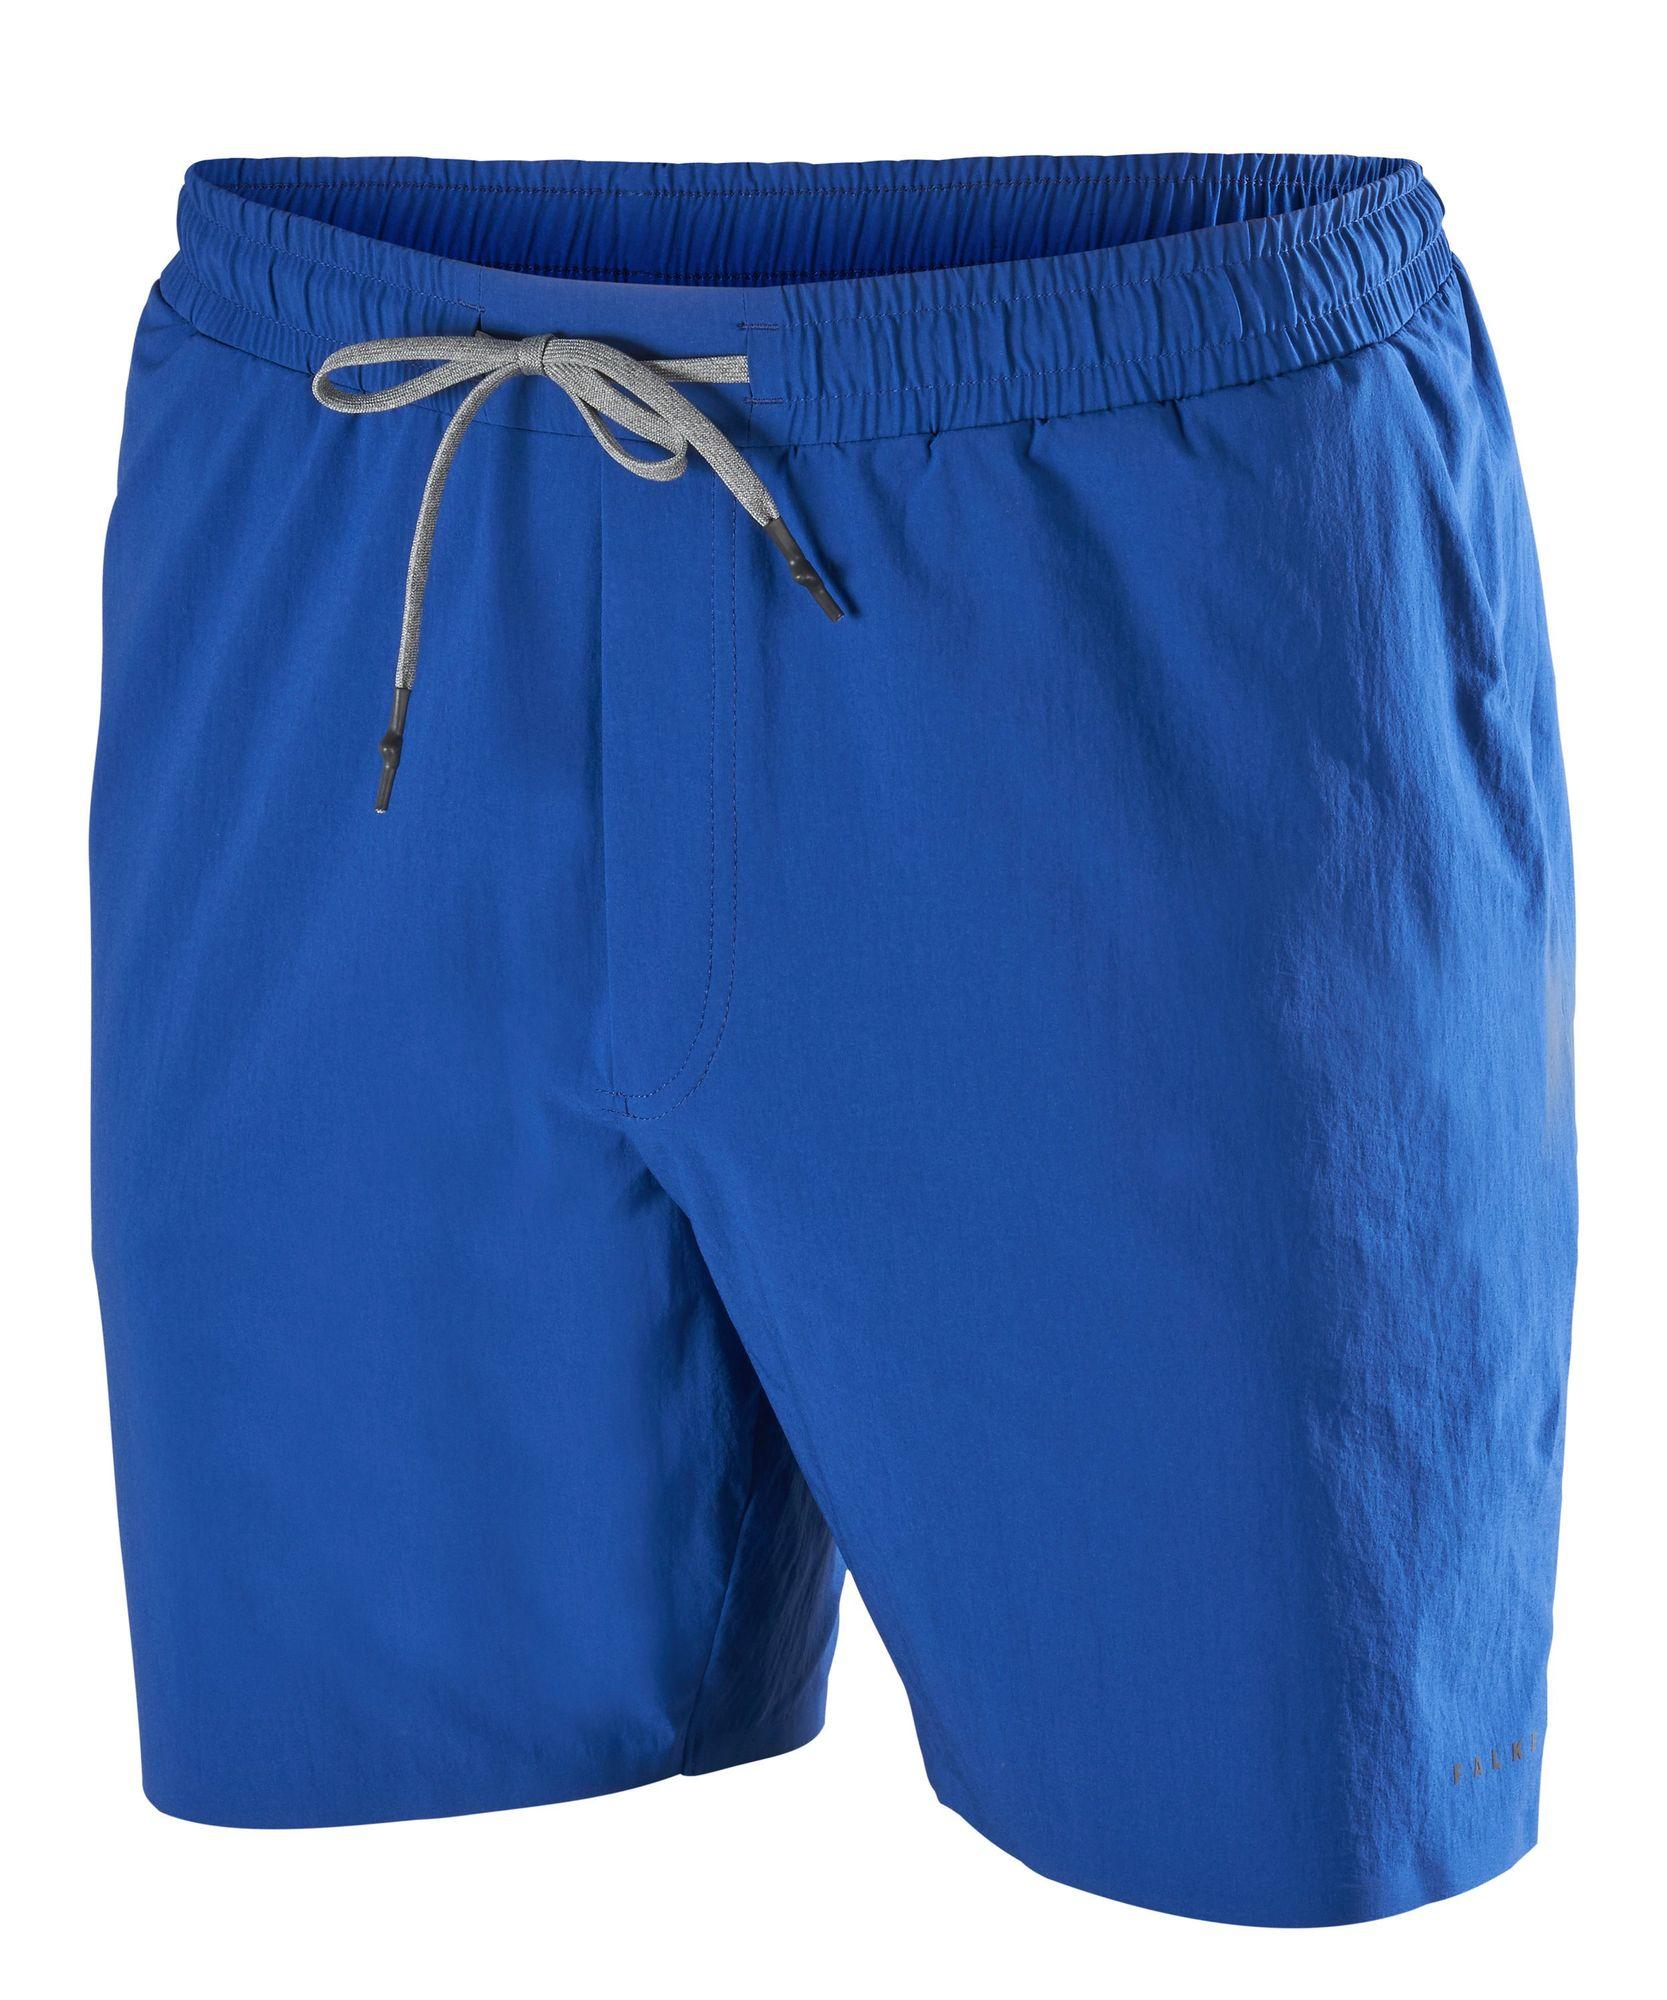 Falke Basic Challenger Shorts in Blau